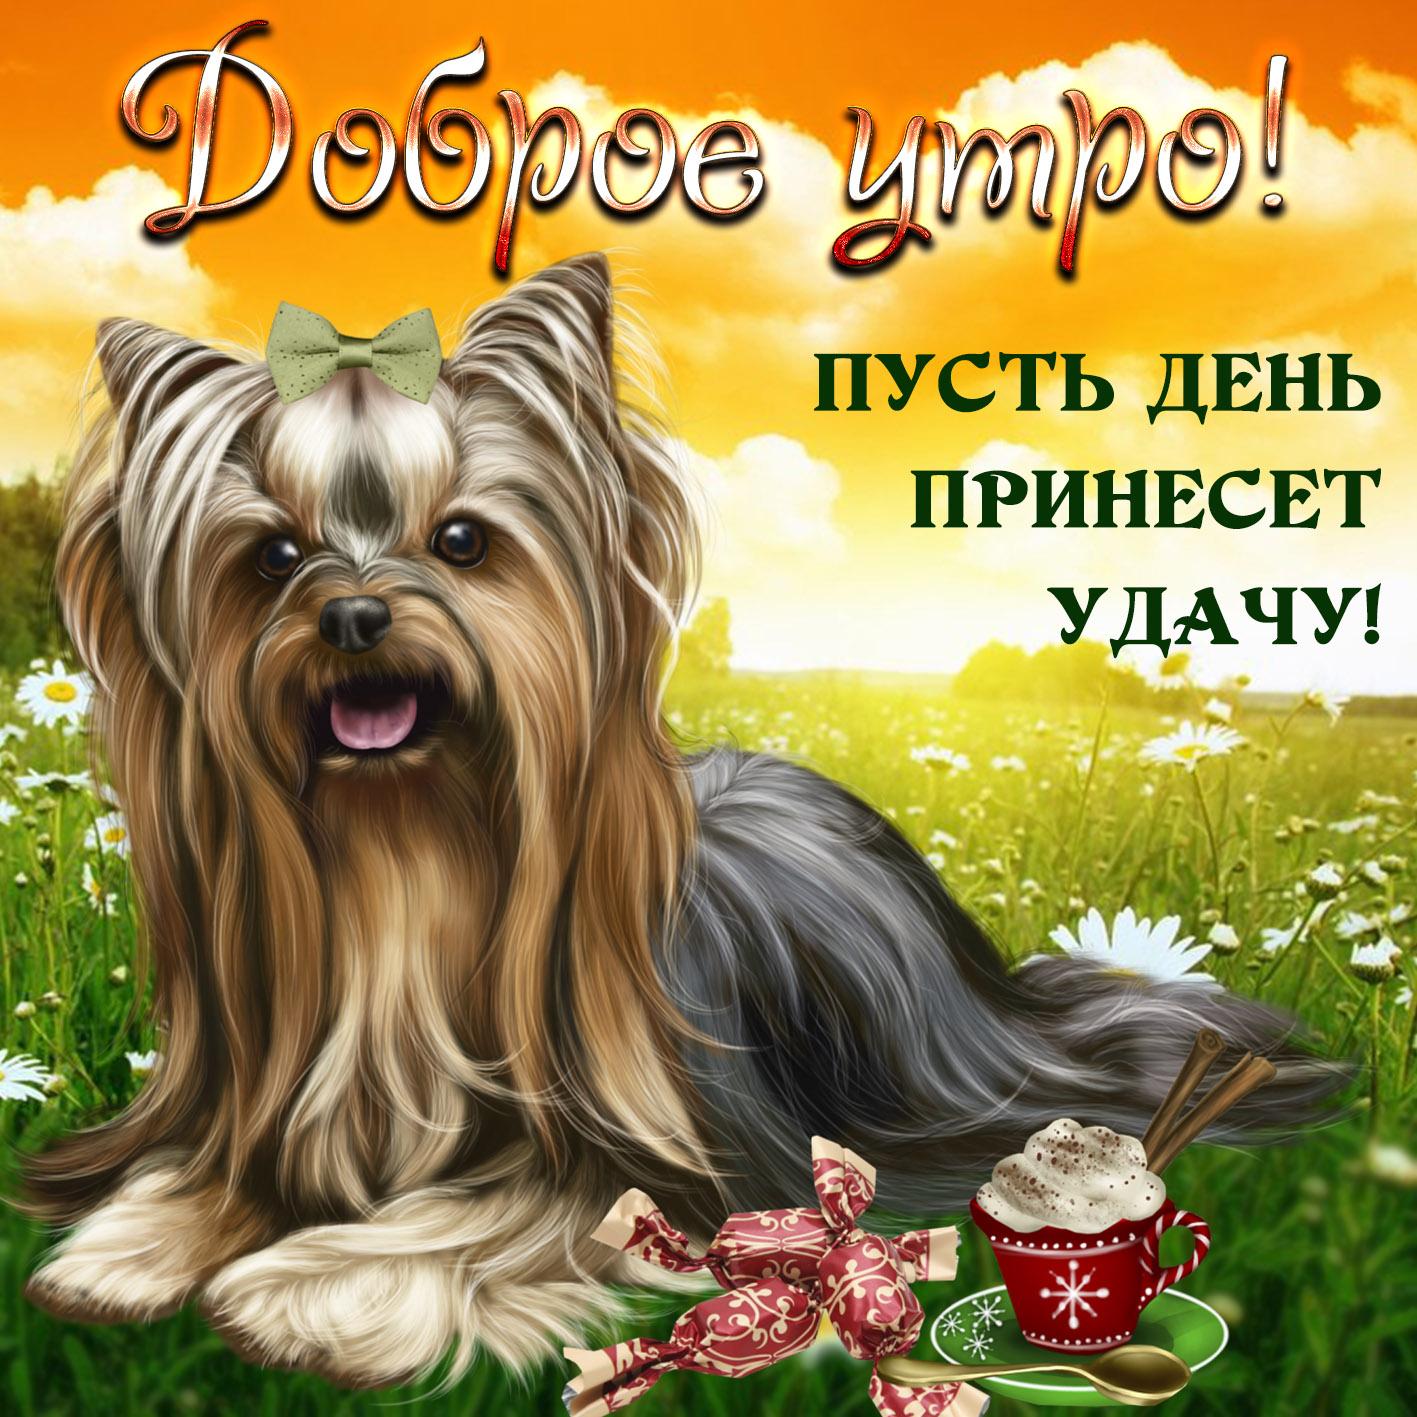 Картинка доброе утро с милой собачкой на травке